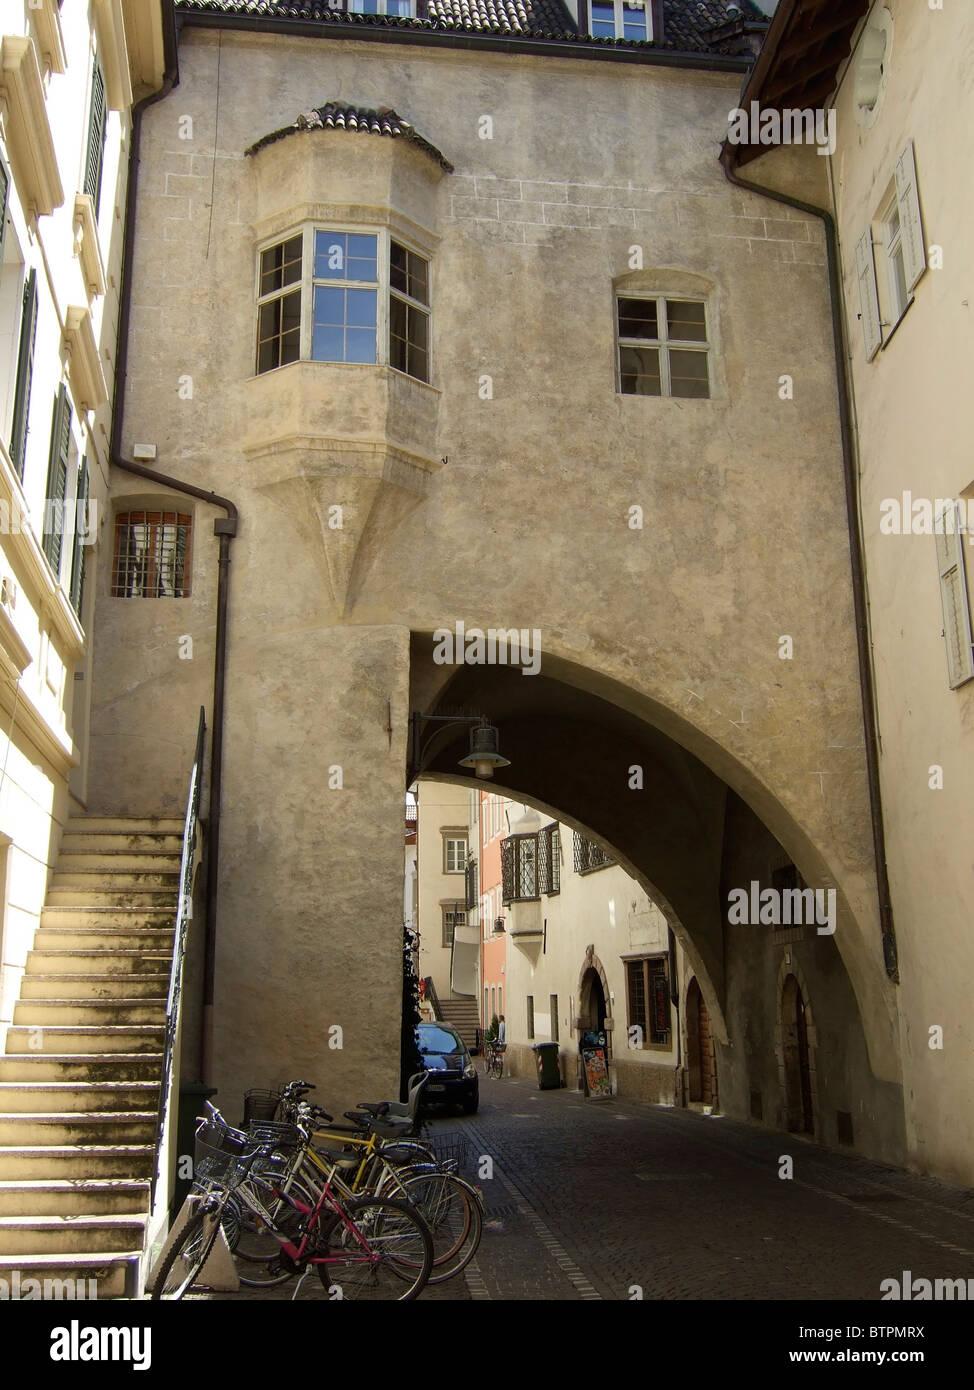 Italy, Alto Adige, Bolzano, Old Town - Stock Image